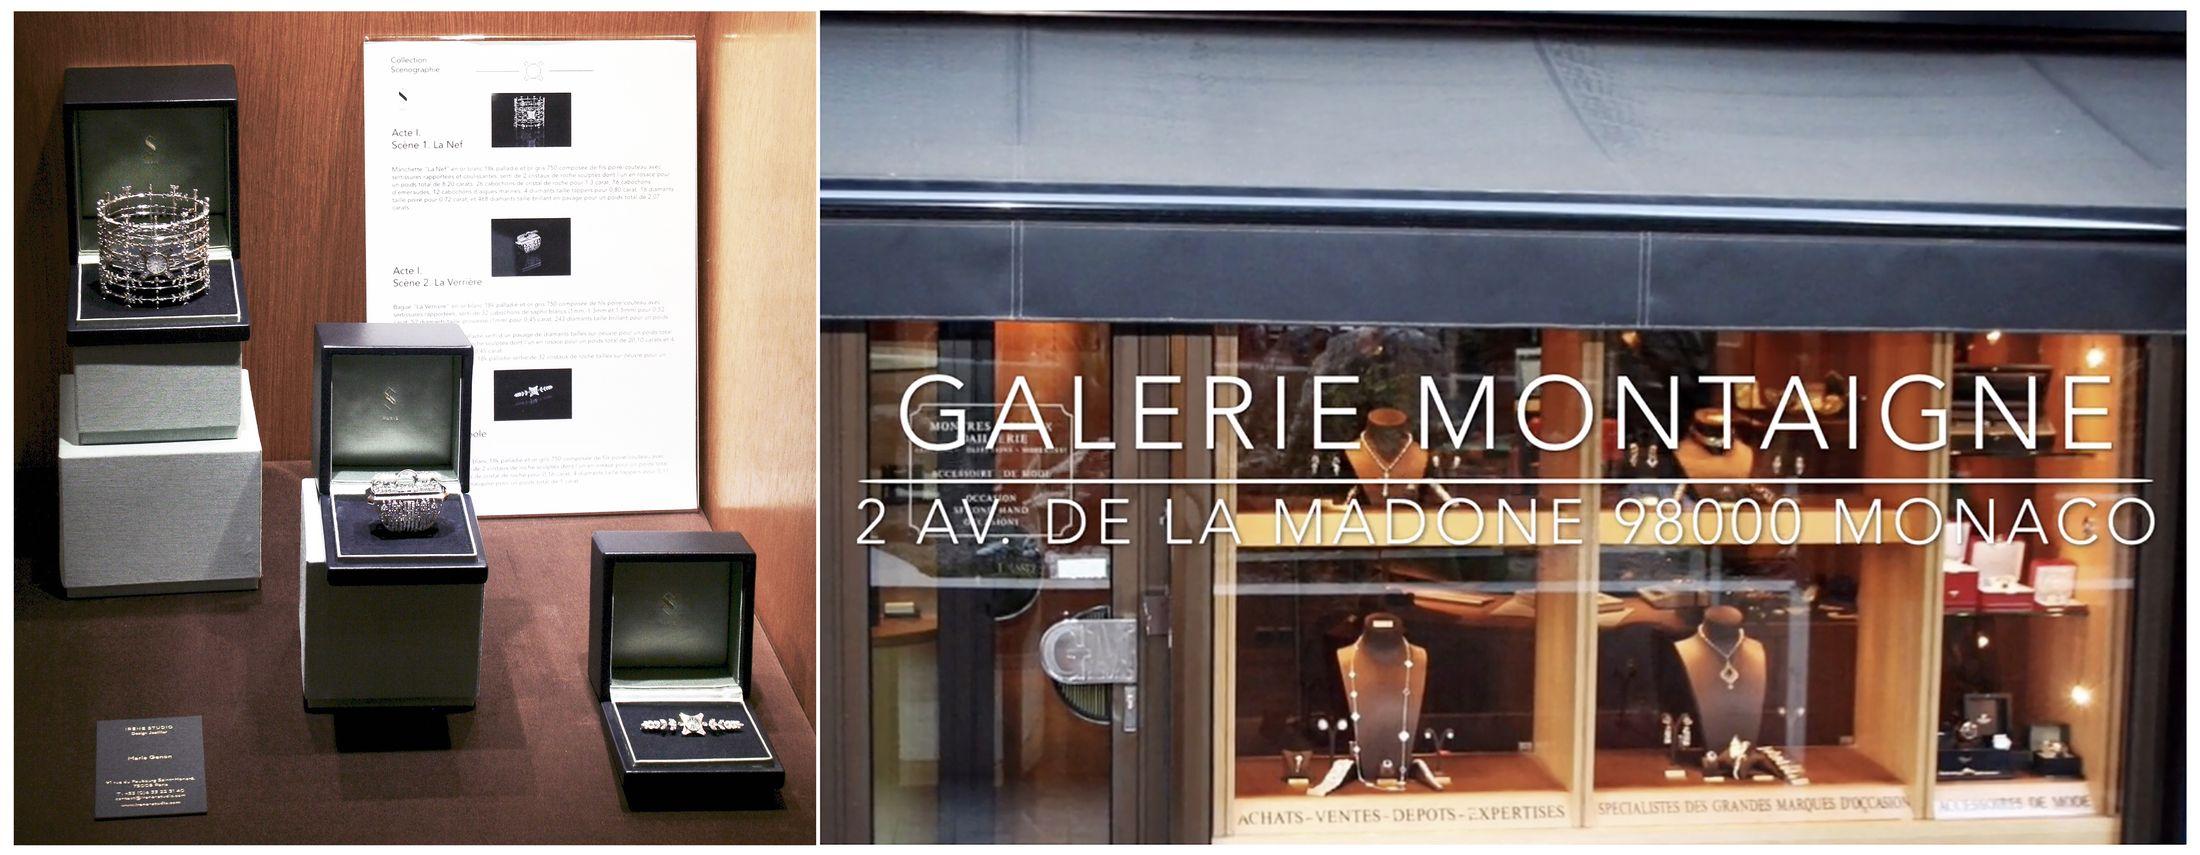 Galerie Montaigne vitrine Irène paris